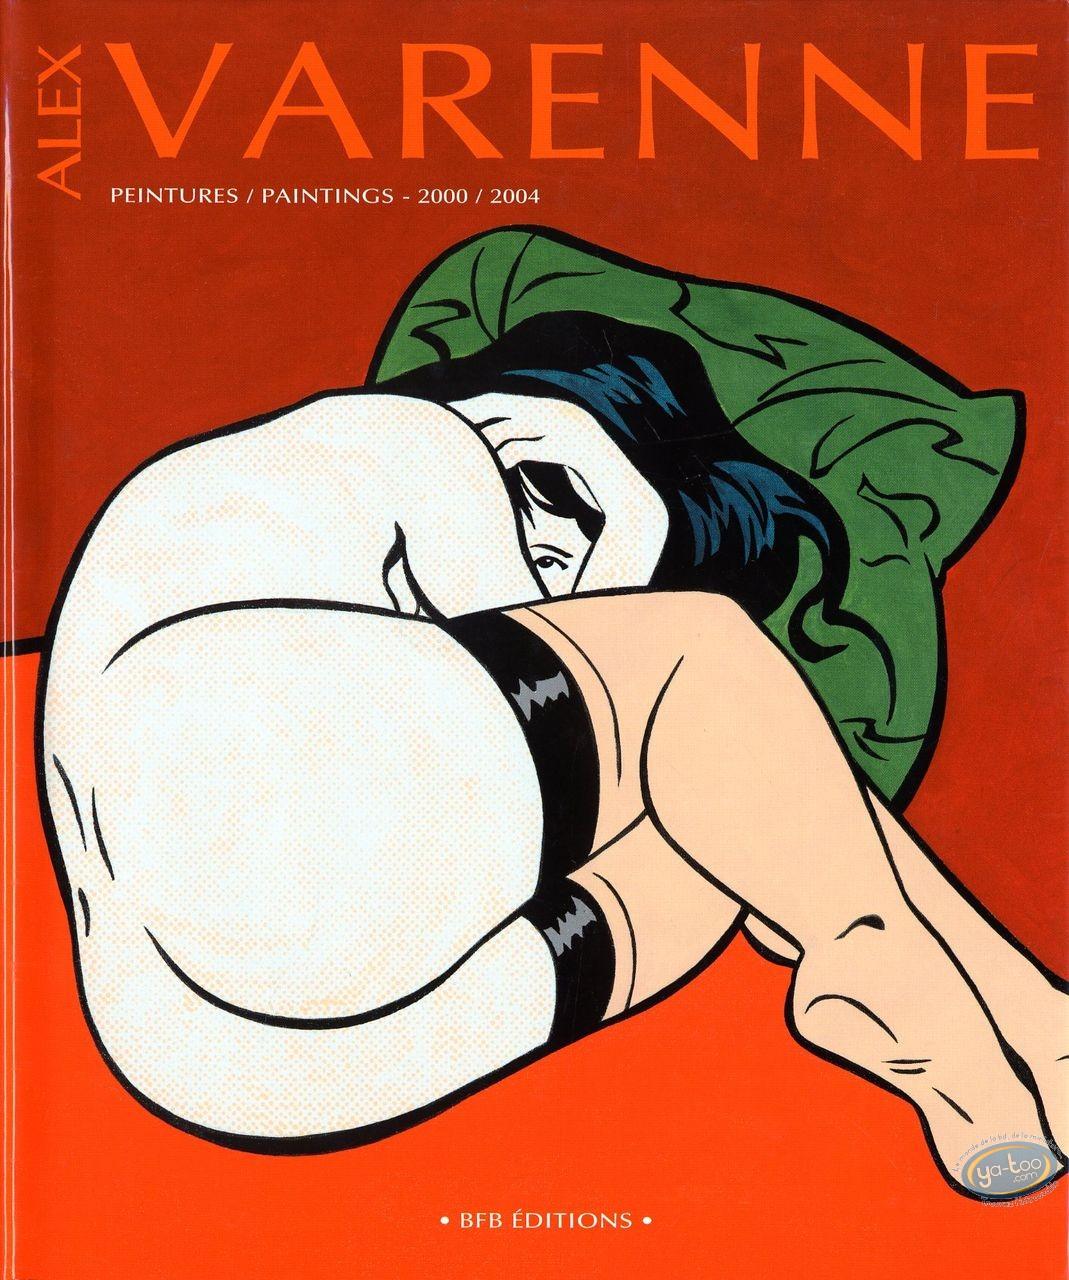 Livre, Varenne : Peintures 2000-2004